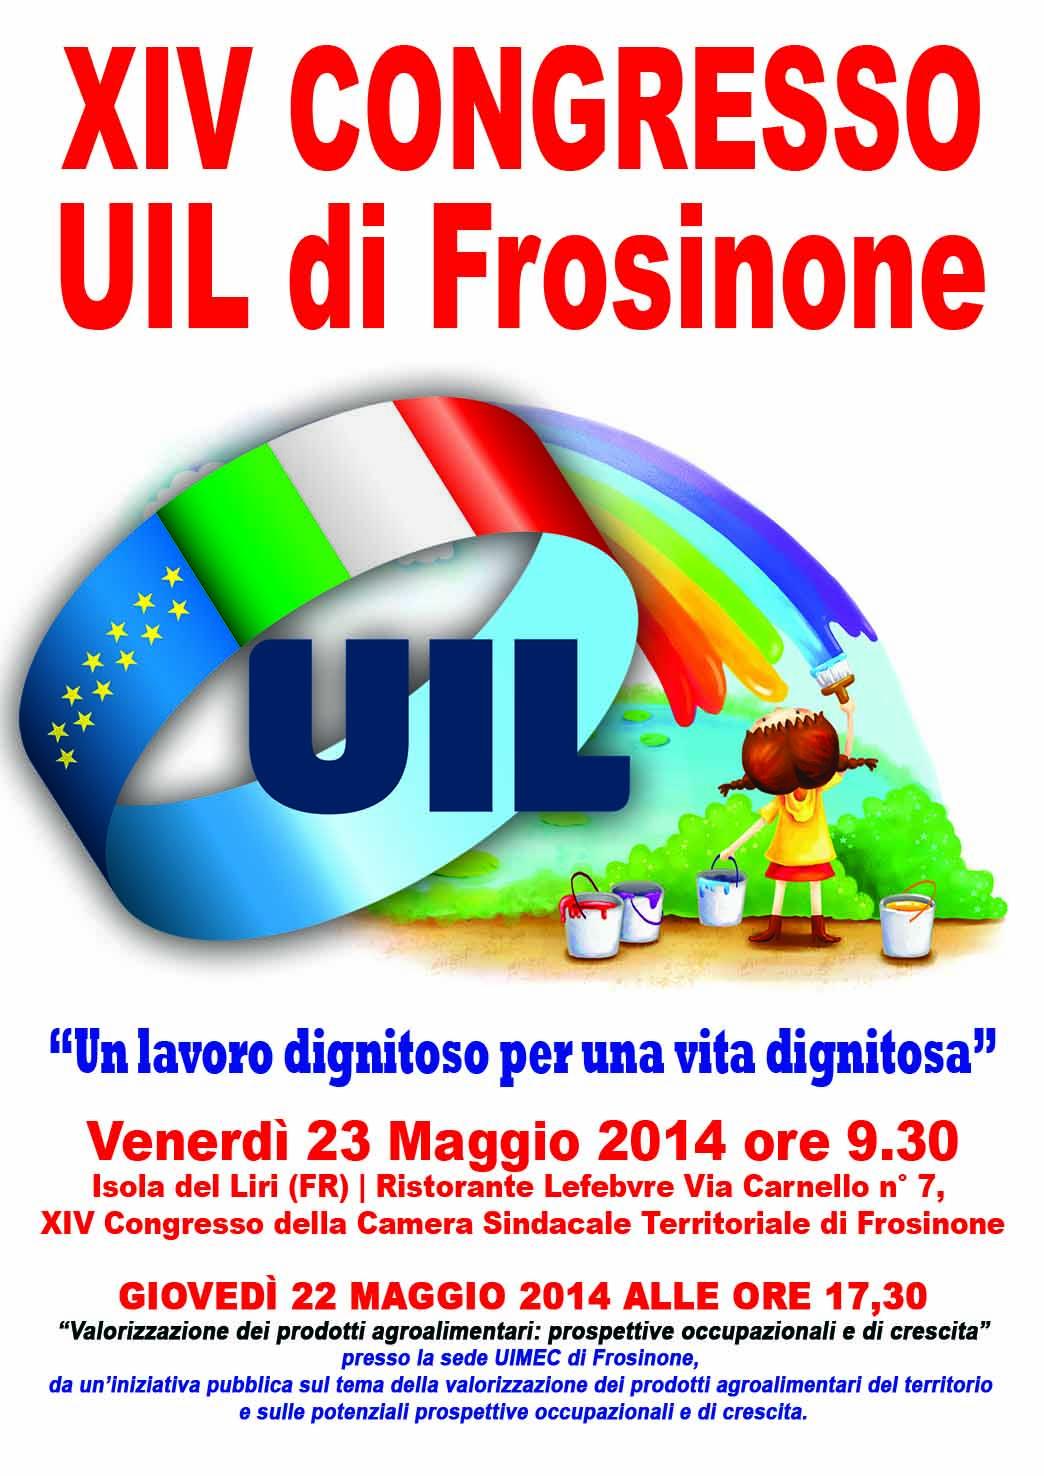 XIV CONGRESSO UIL di Frosinone